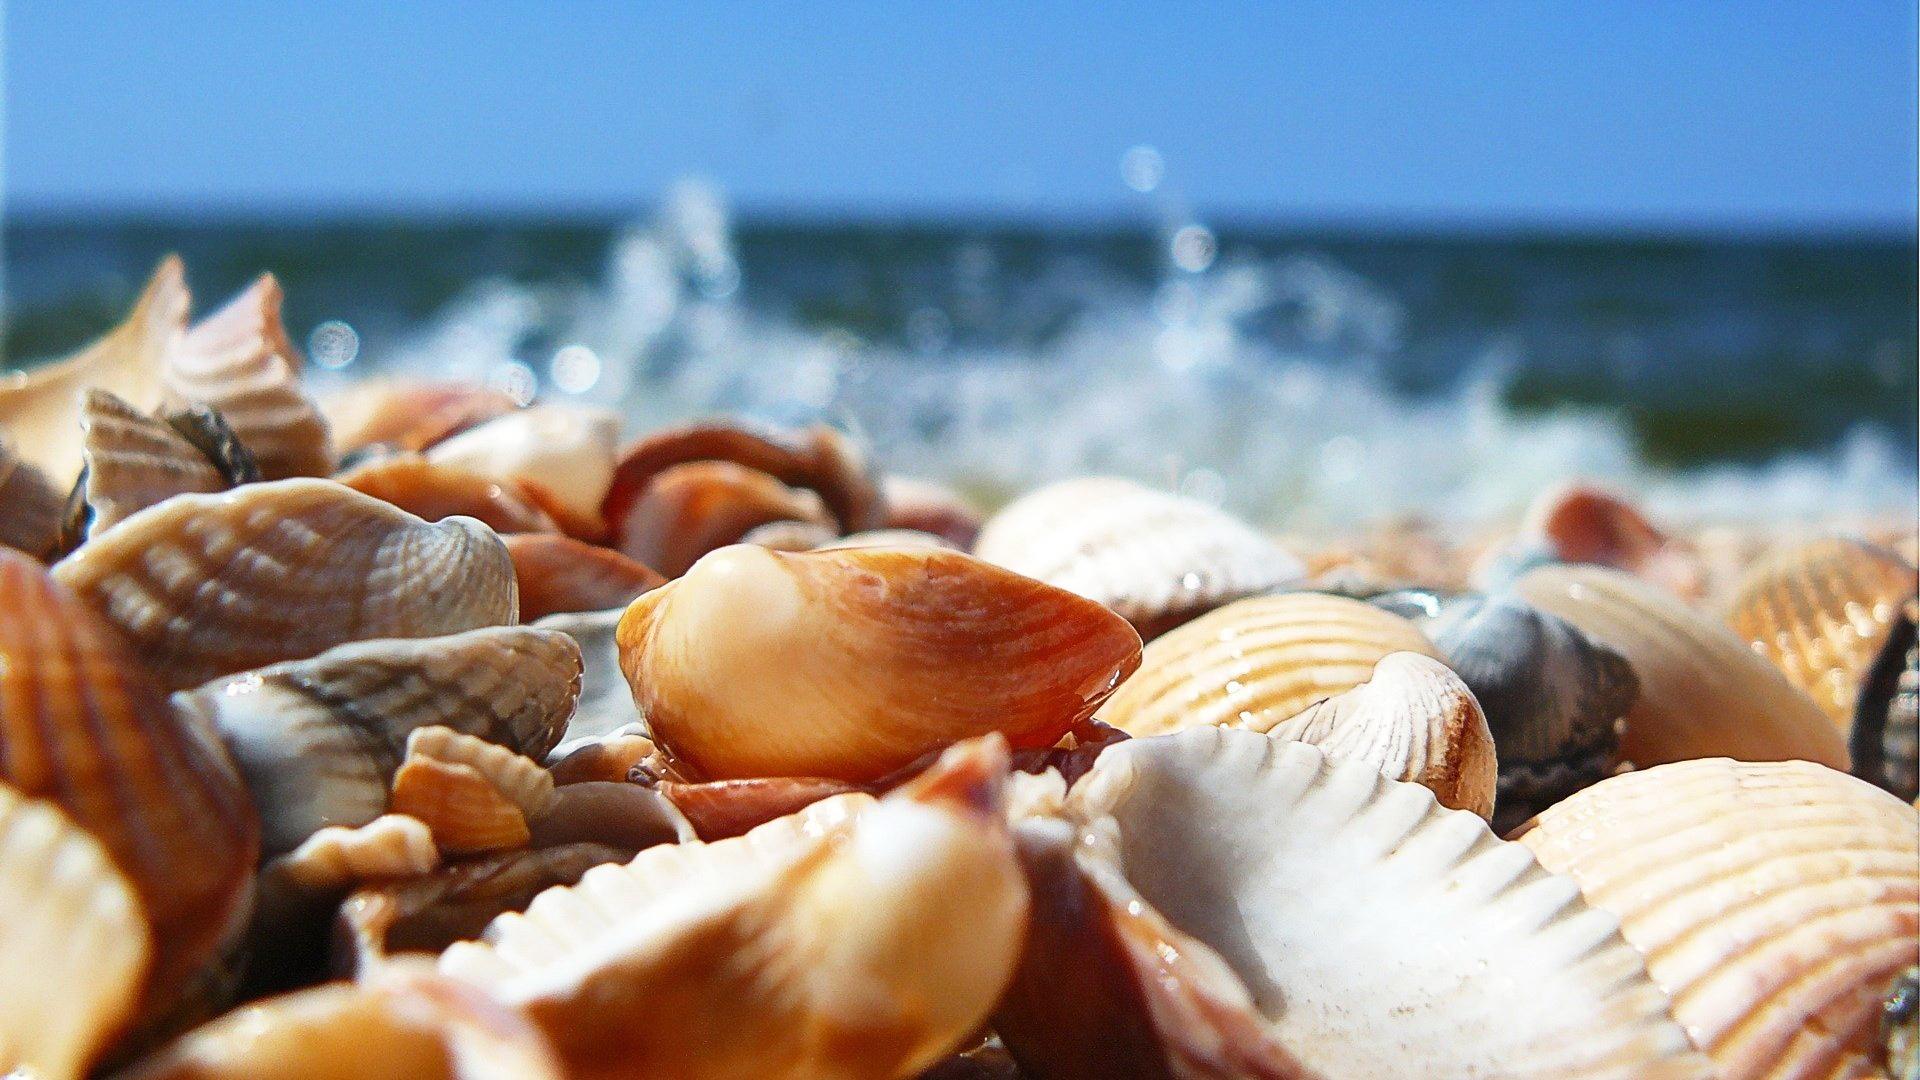 картинка морских узлов